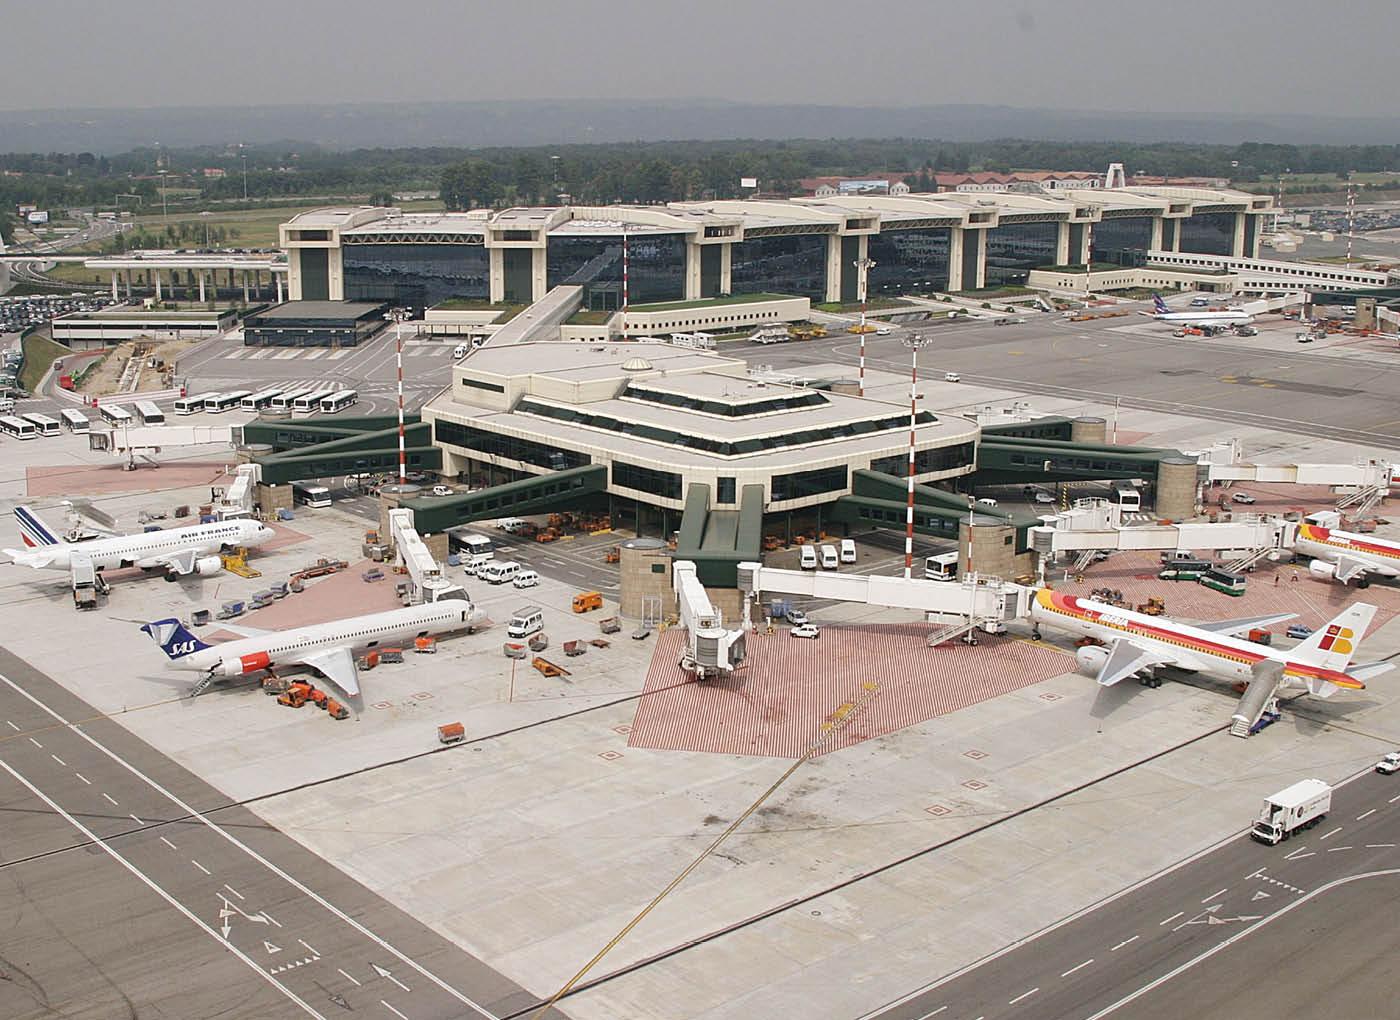 aeroporto-malpensa-giardino-pensile-agrileca-lecagreen-1